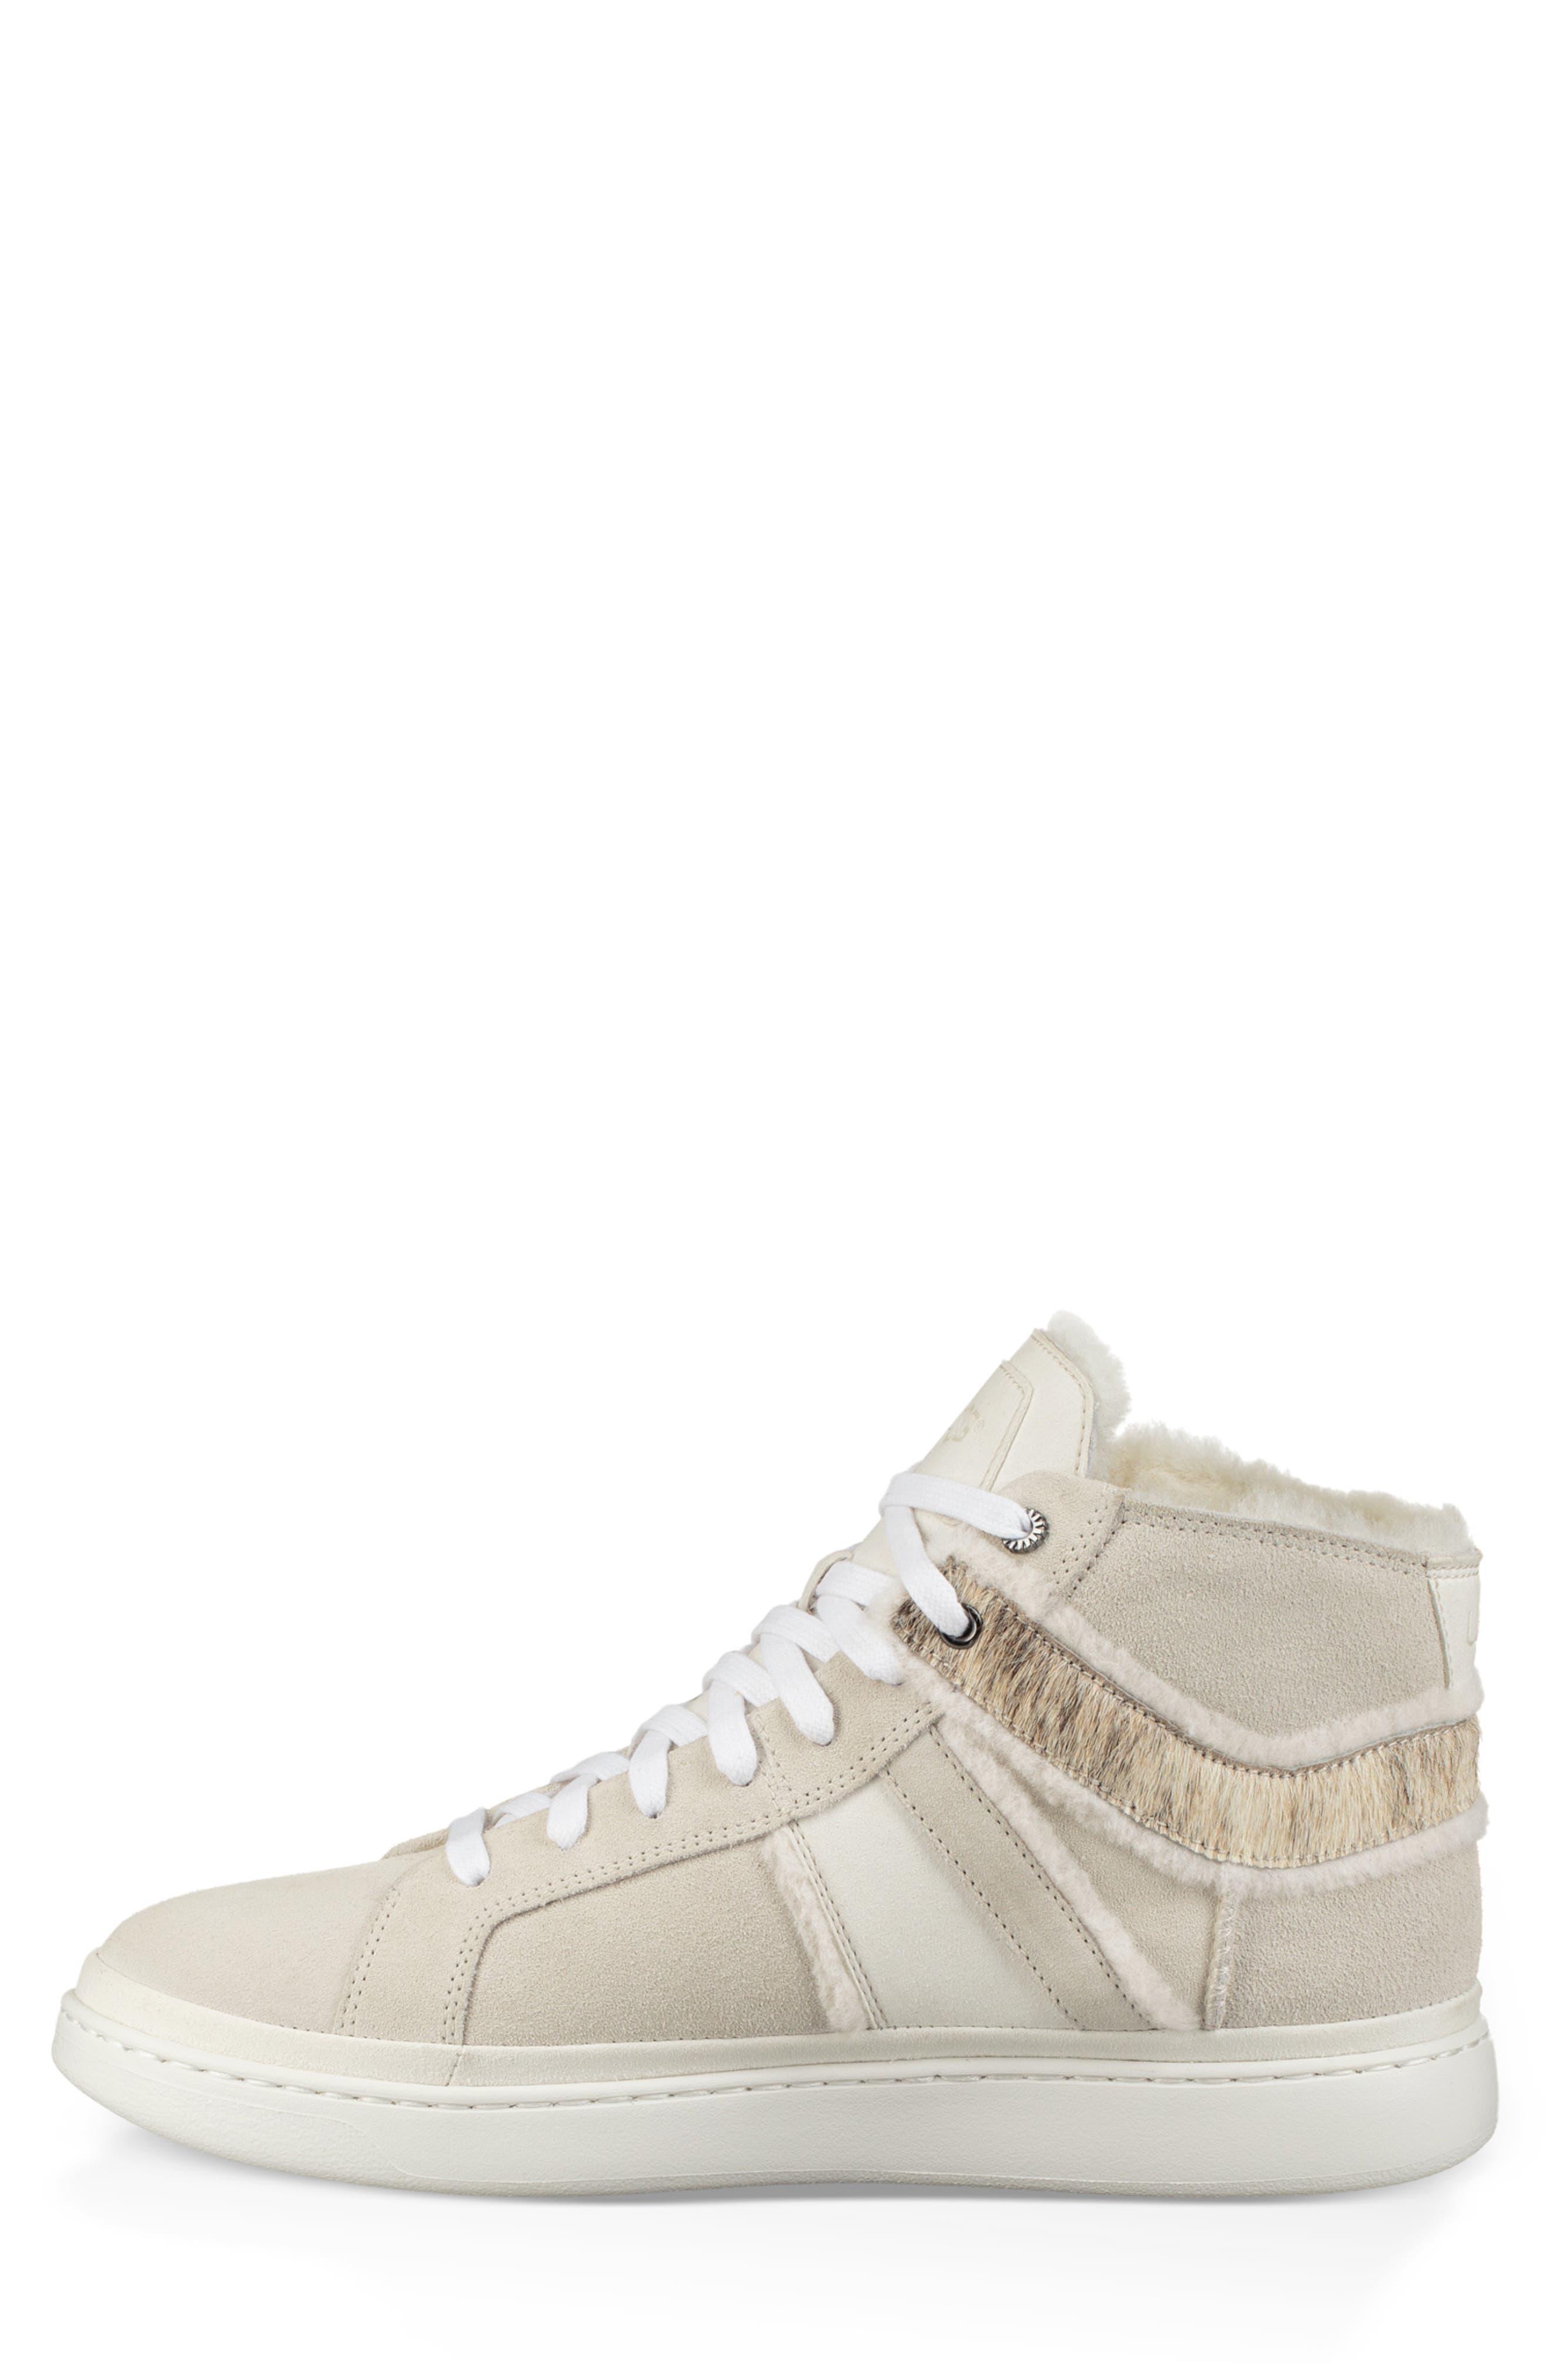 Cali High Top Sneaker,                             Alternate thumbnail 3, color,                             100